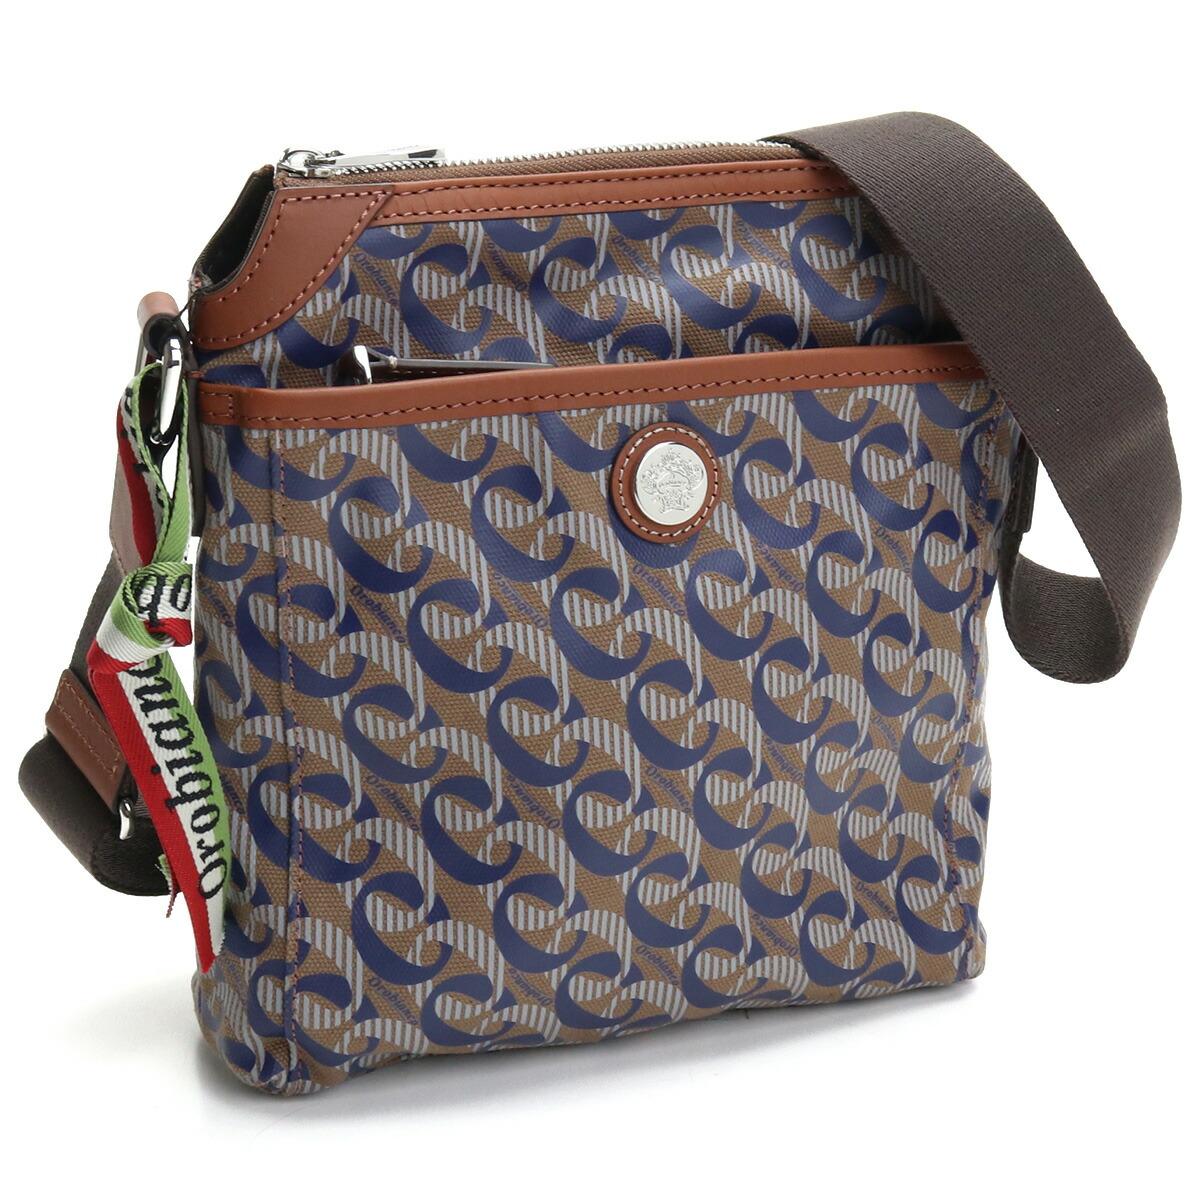 オロビアンコ OROBIANCO  斜め掛け ショルダーバッグ ブランドバッグ CITTADIA 5 MONOGRAM PRINT-L BRO ブラウン系 ネイビー系 bag-01